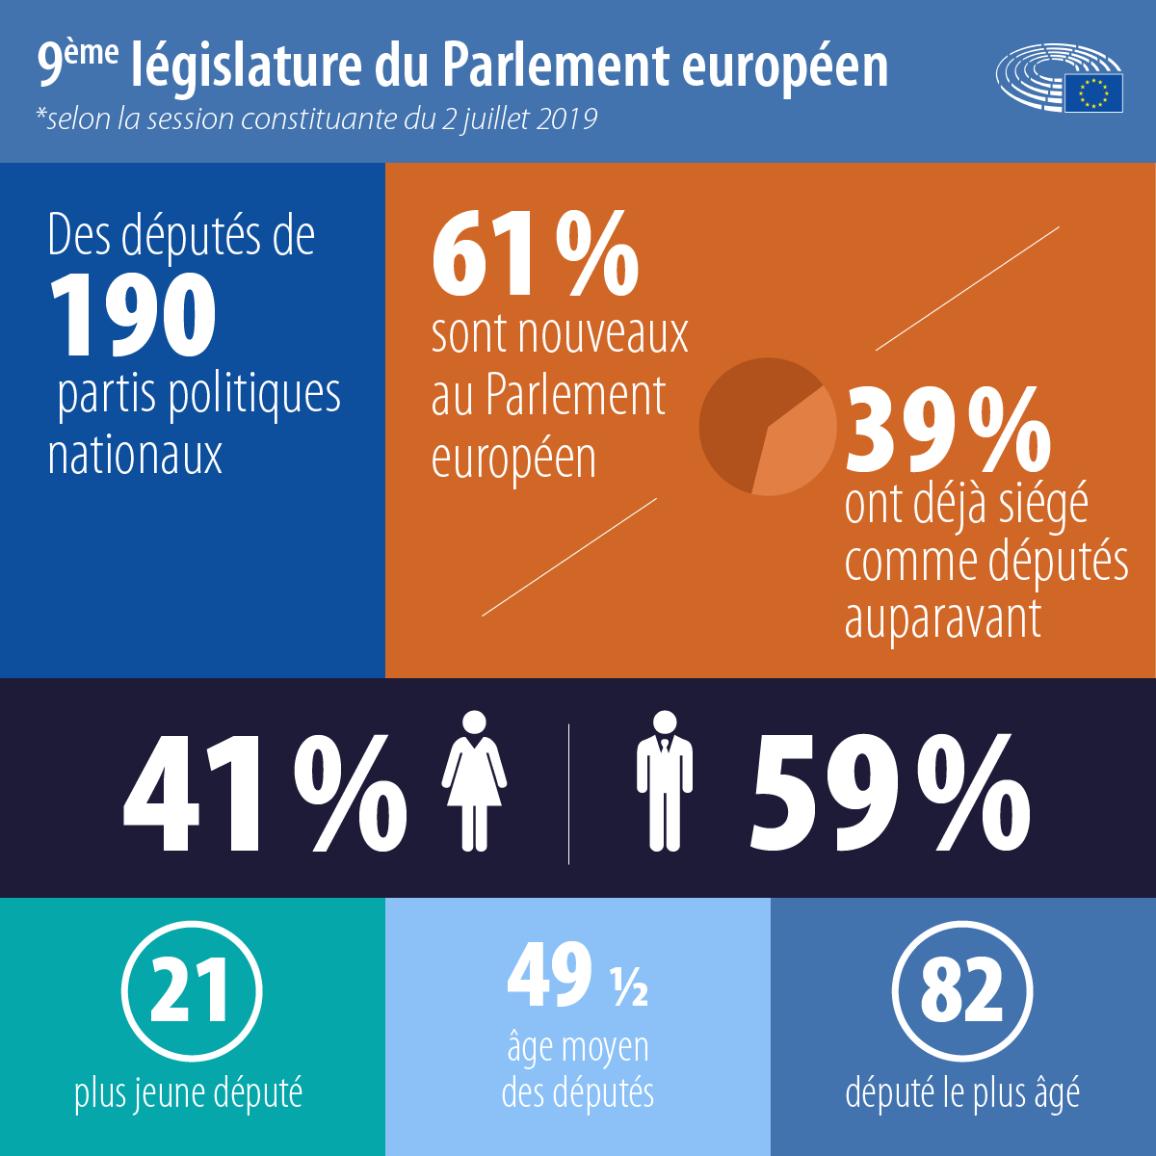 La nouvelle législature du Parlement en chiffres